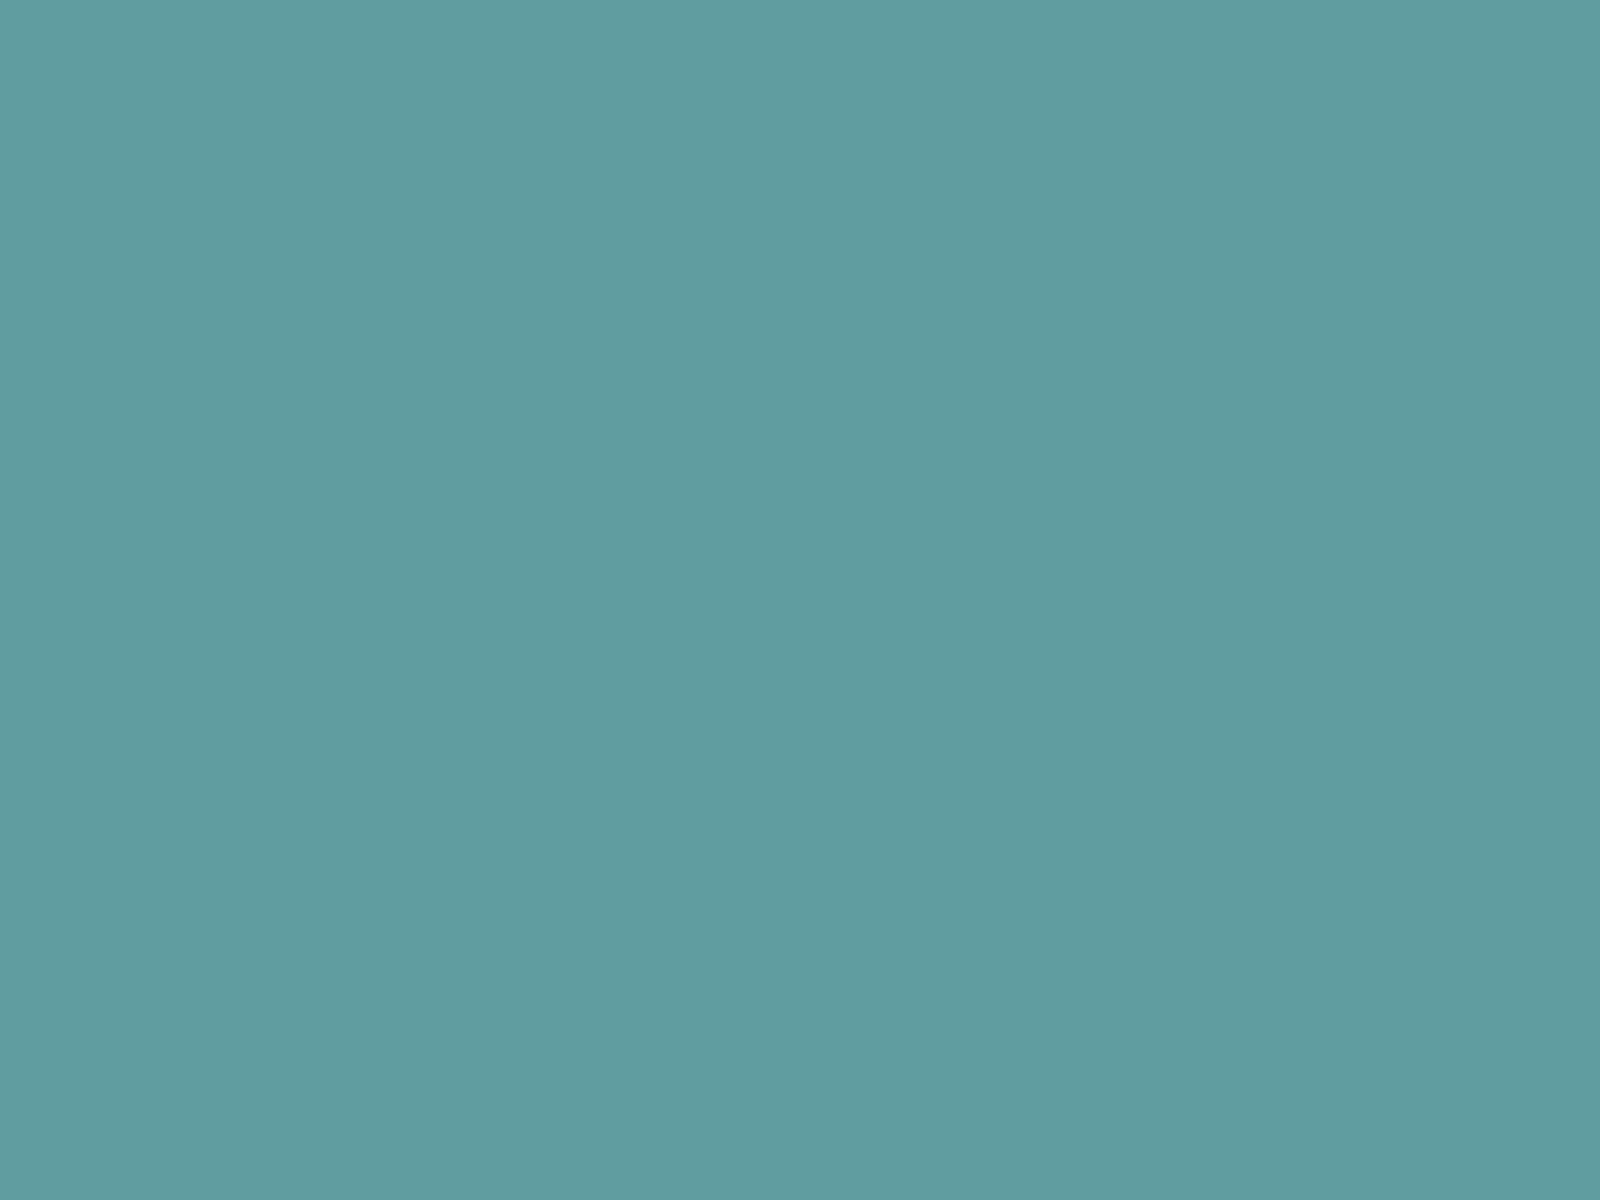 1600x1200 Cadet Blue Solid Color Background